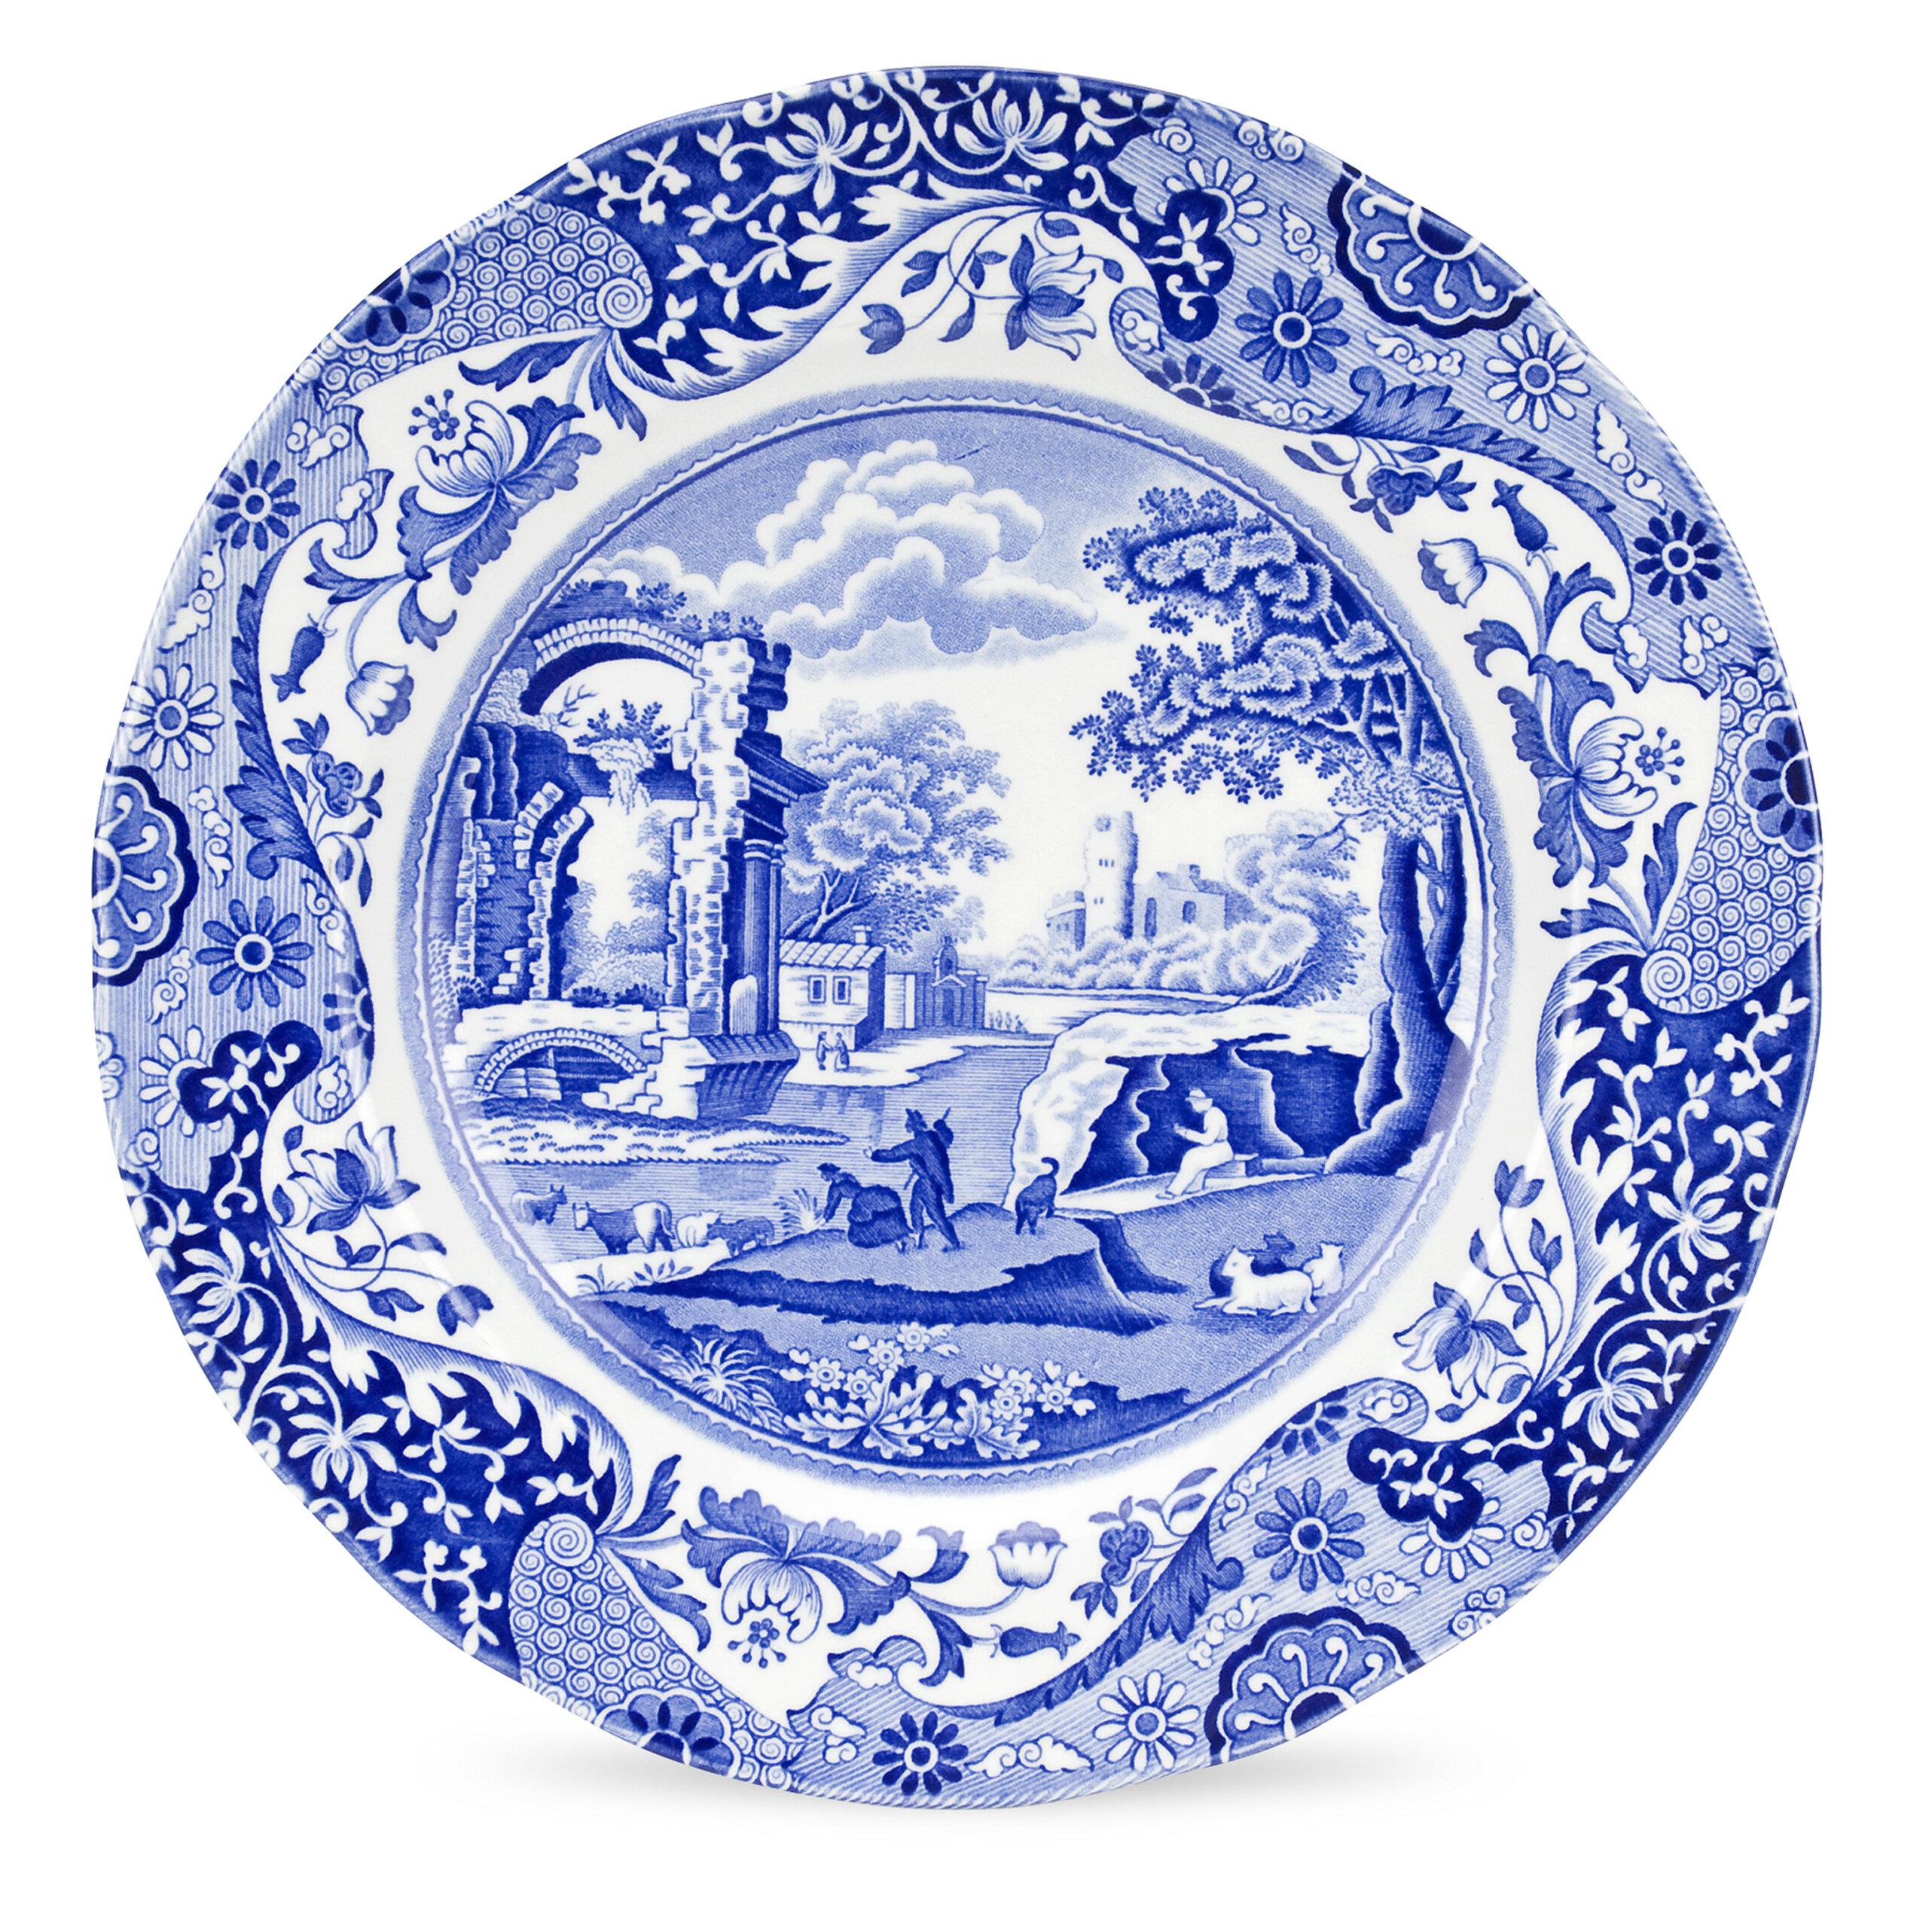 Plates Saucers From 200 Through 09 07 Wayfair